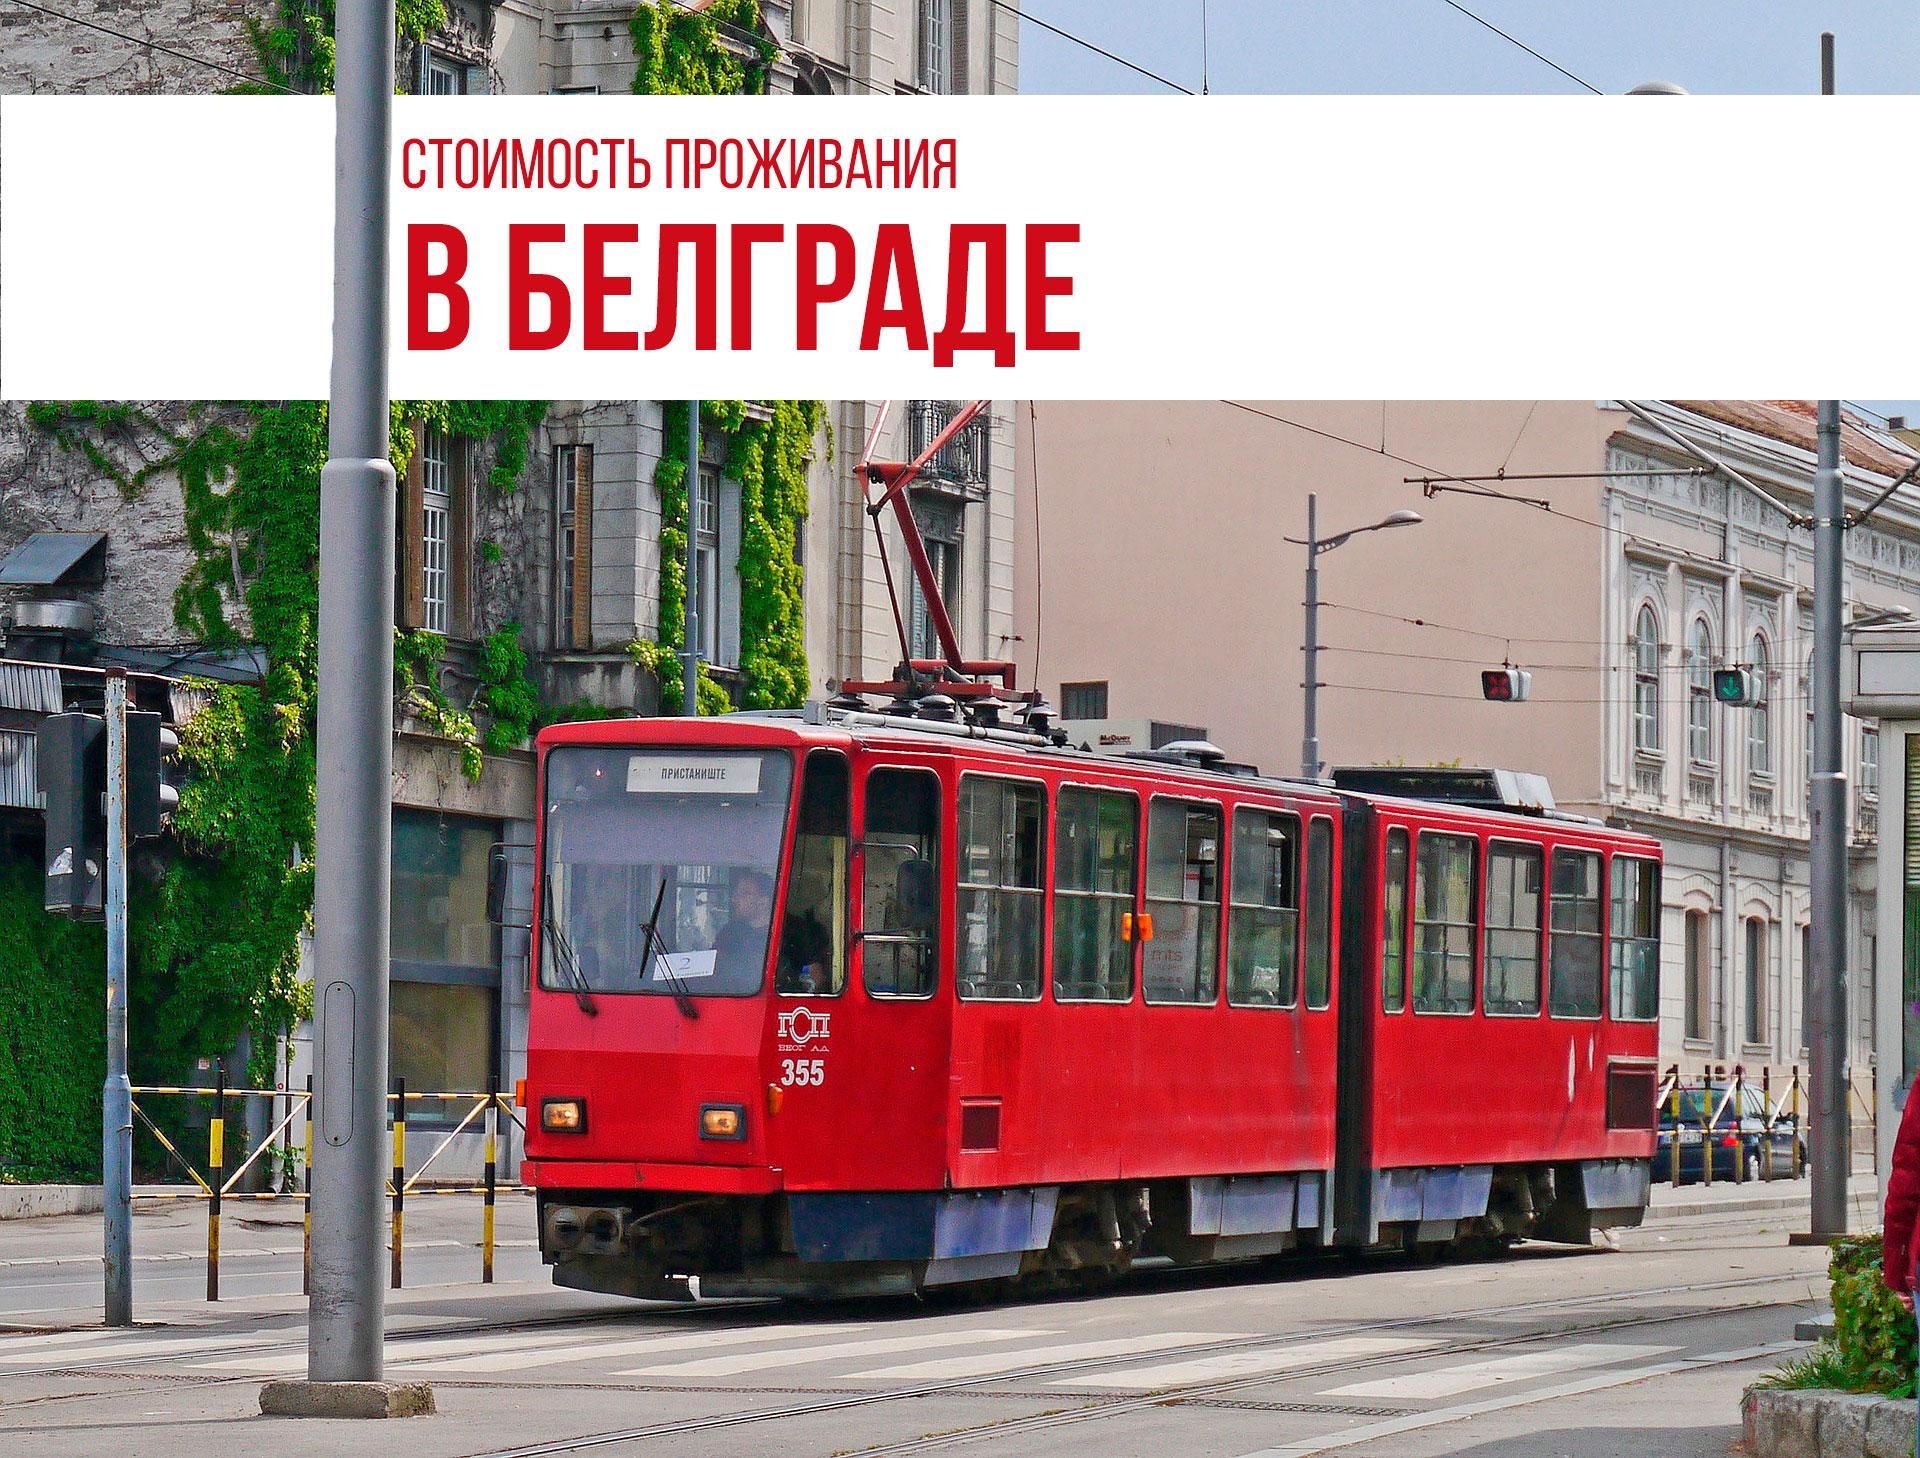 Стоимость проживания в Белграде, Сербия и уровень жизни